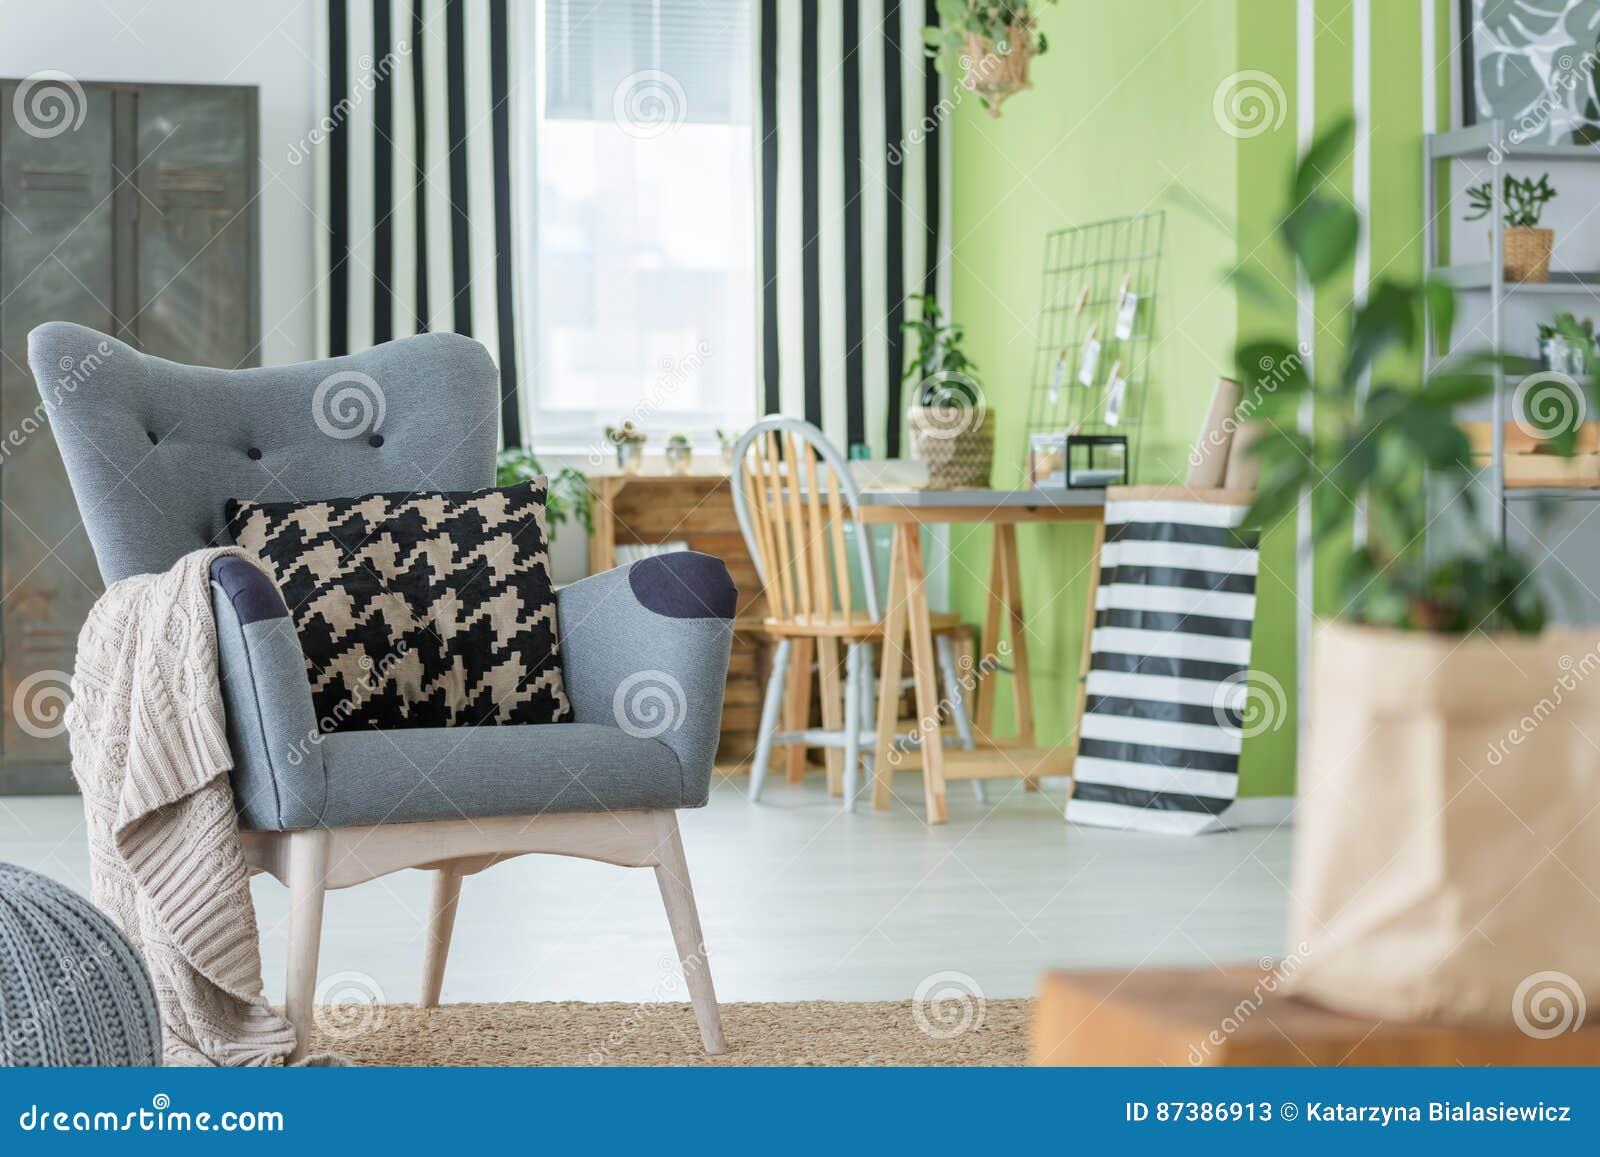 Уютная квартира с серым креслом